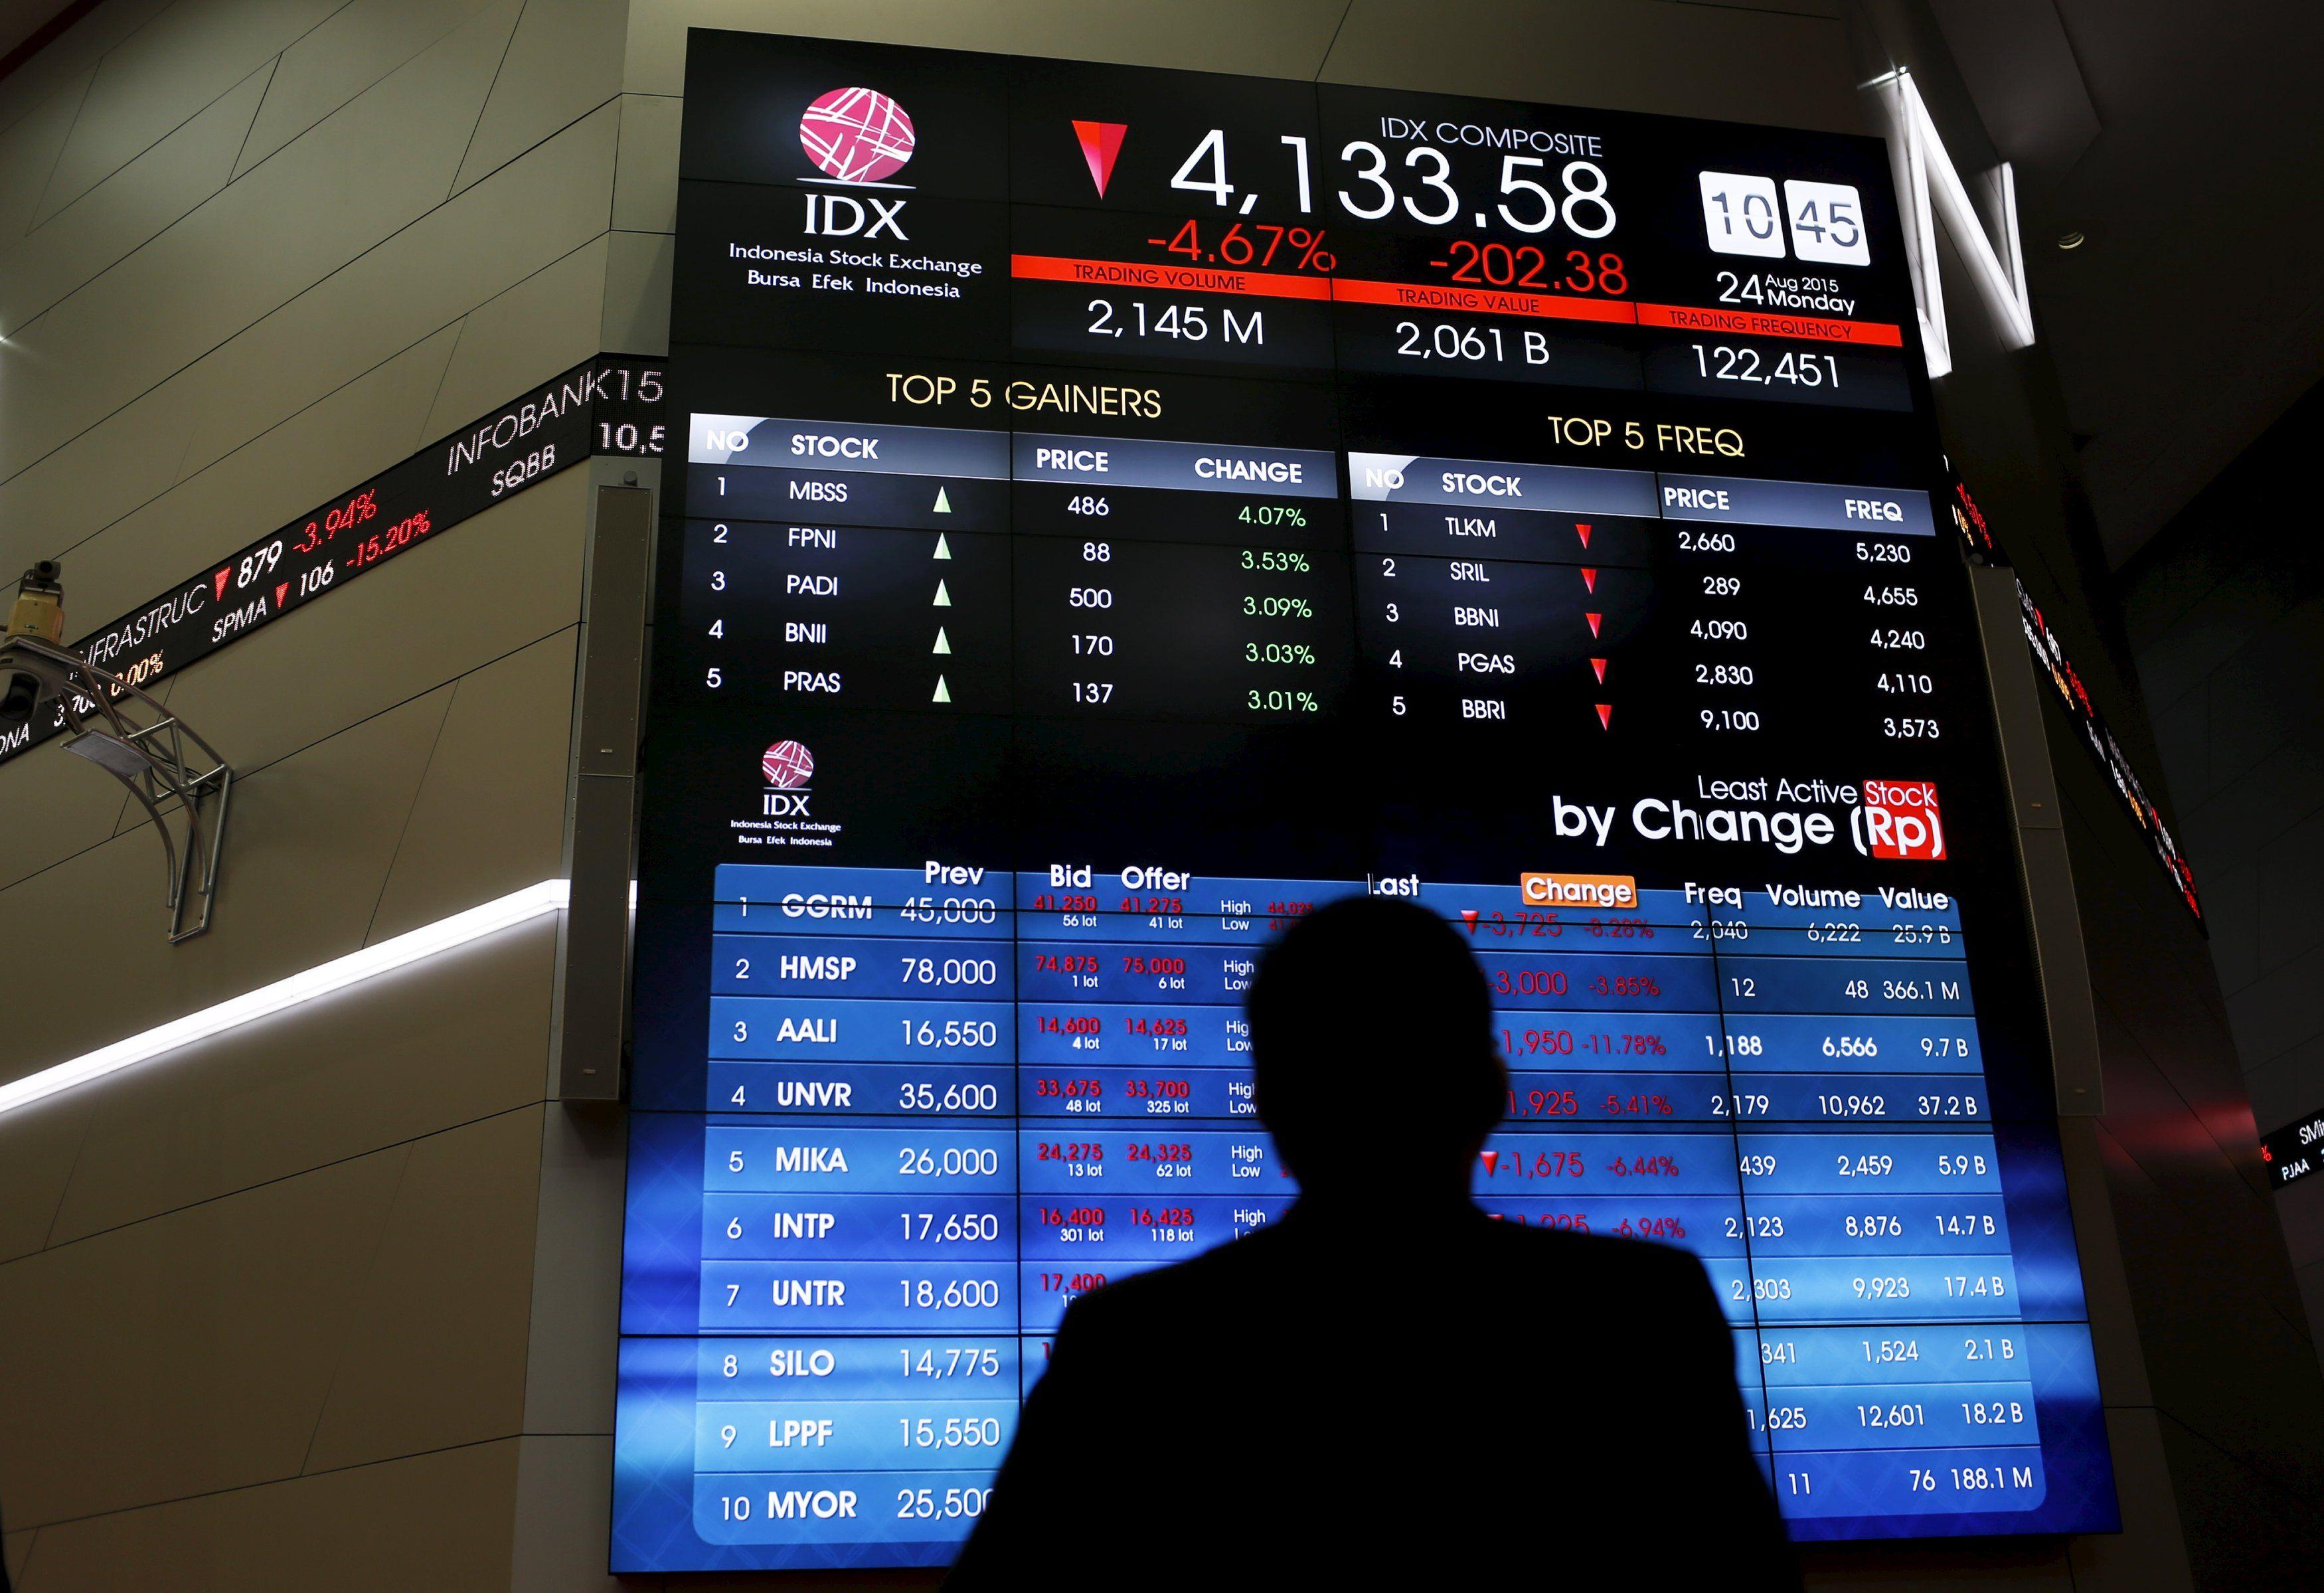 Ini Kriteria Perusahaan yang Patut Jadi Tempat Investasi di Indonesia Stock Exchange